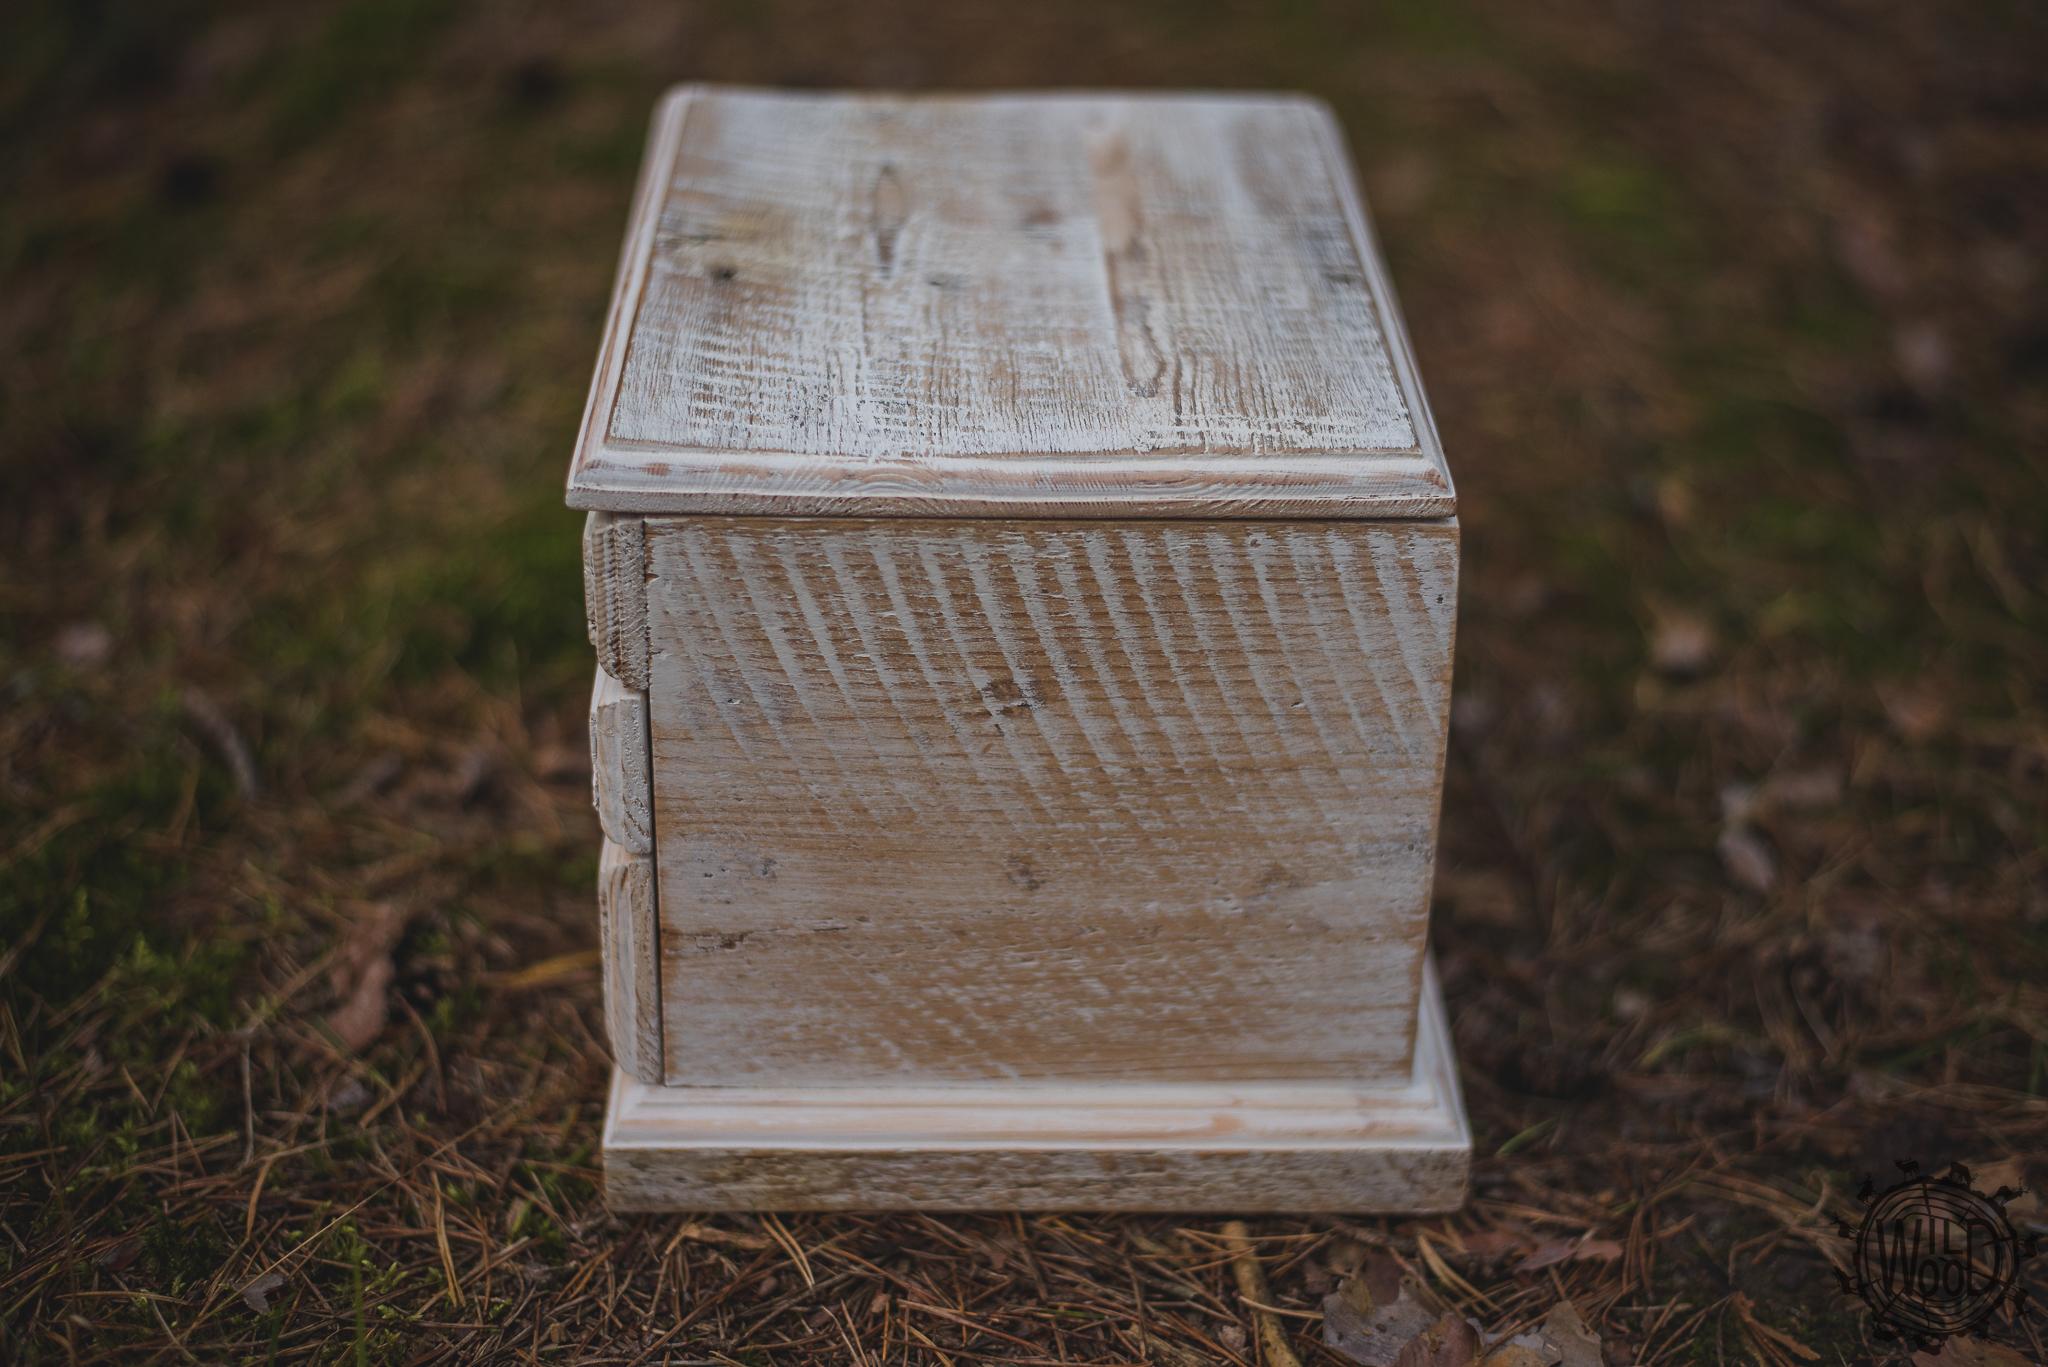 stolarz białystok, nietypowe meble białystok, usługi stolarskie podlaskie, wildwood, usługi stolarskie białystok, stolarz podlaskie, meble ze starego drewna, meble na wymiar podlasie, szkatułka na biżuterię białystok, mini toaletka, rękodzieło podlasie